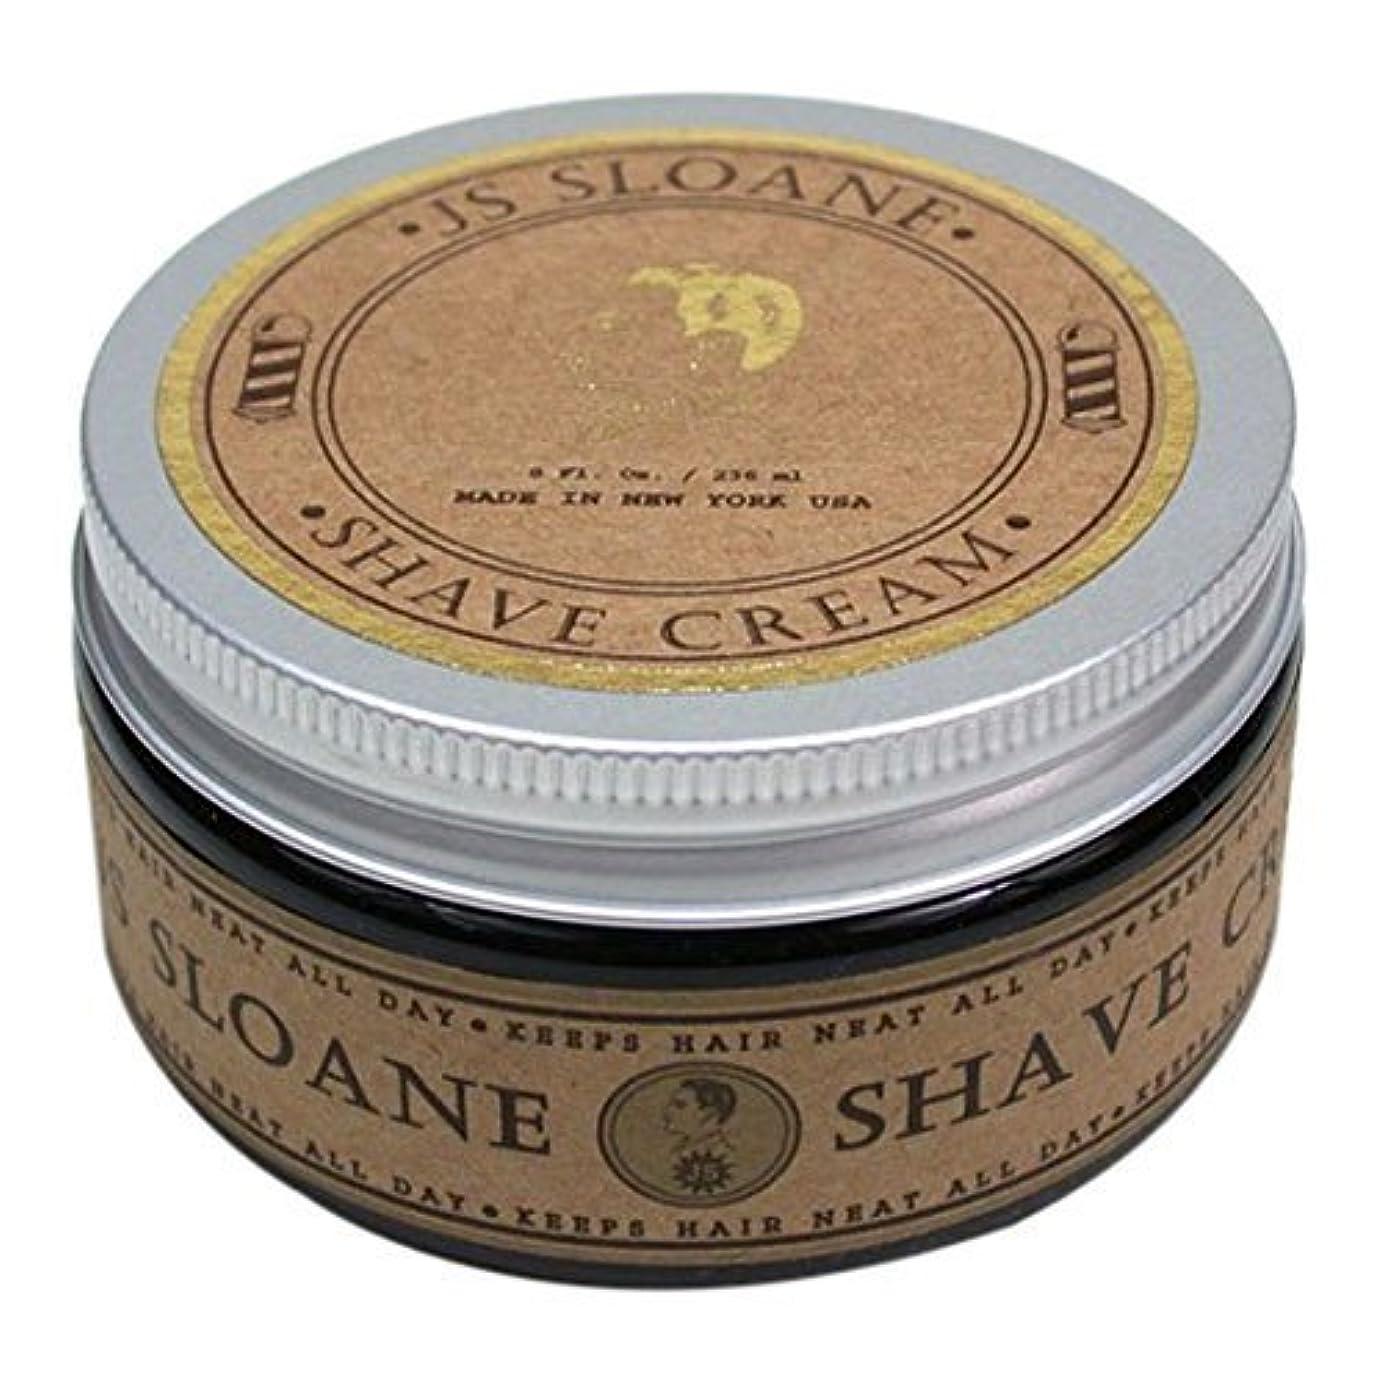 王朝無力解体するJS Sloane ジェントルマンズ シェーブクリーム / Gentlemen's Shave Cream , 8oz (236mL)